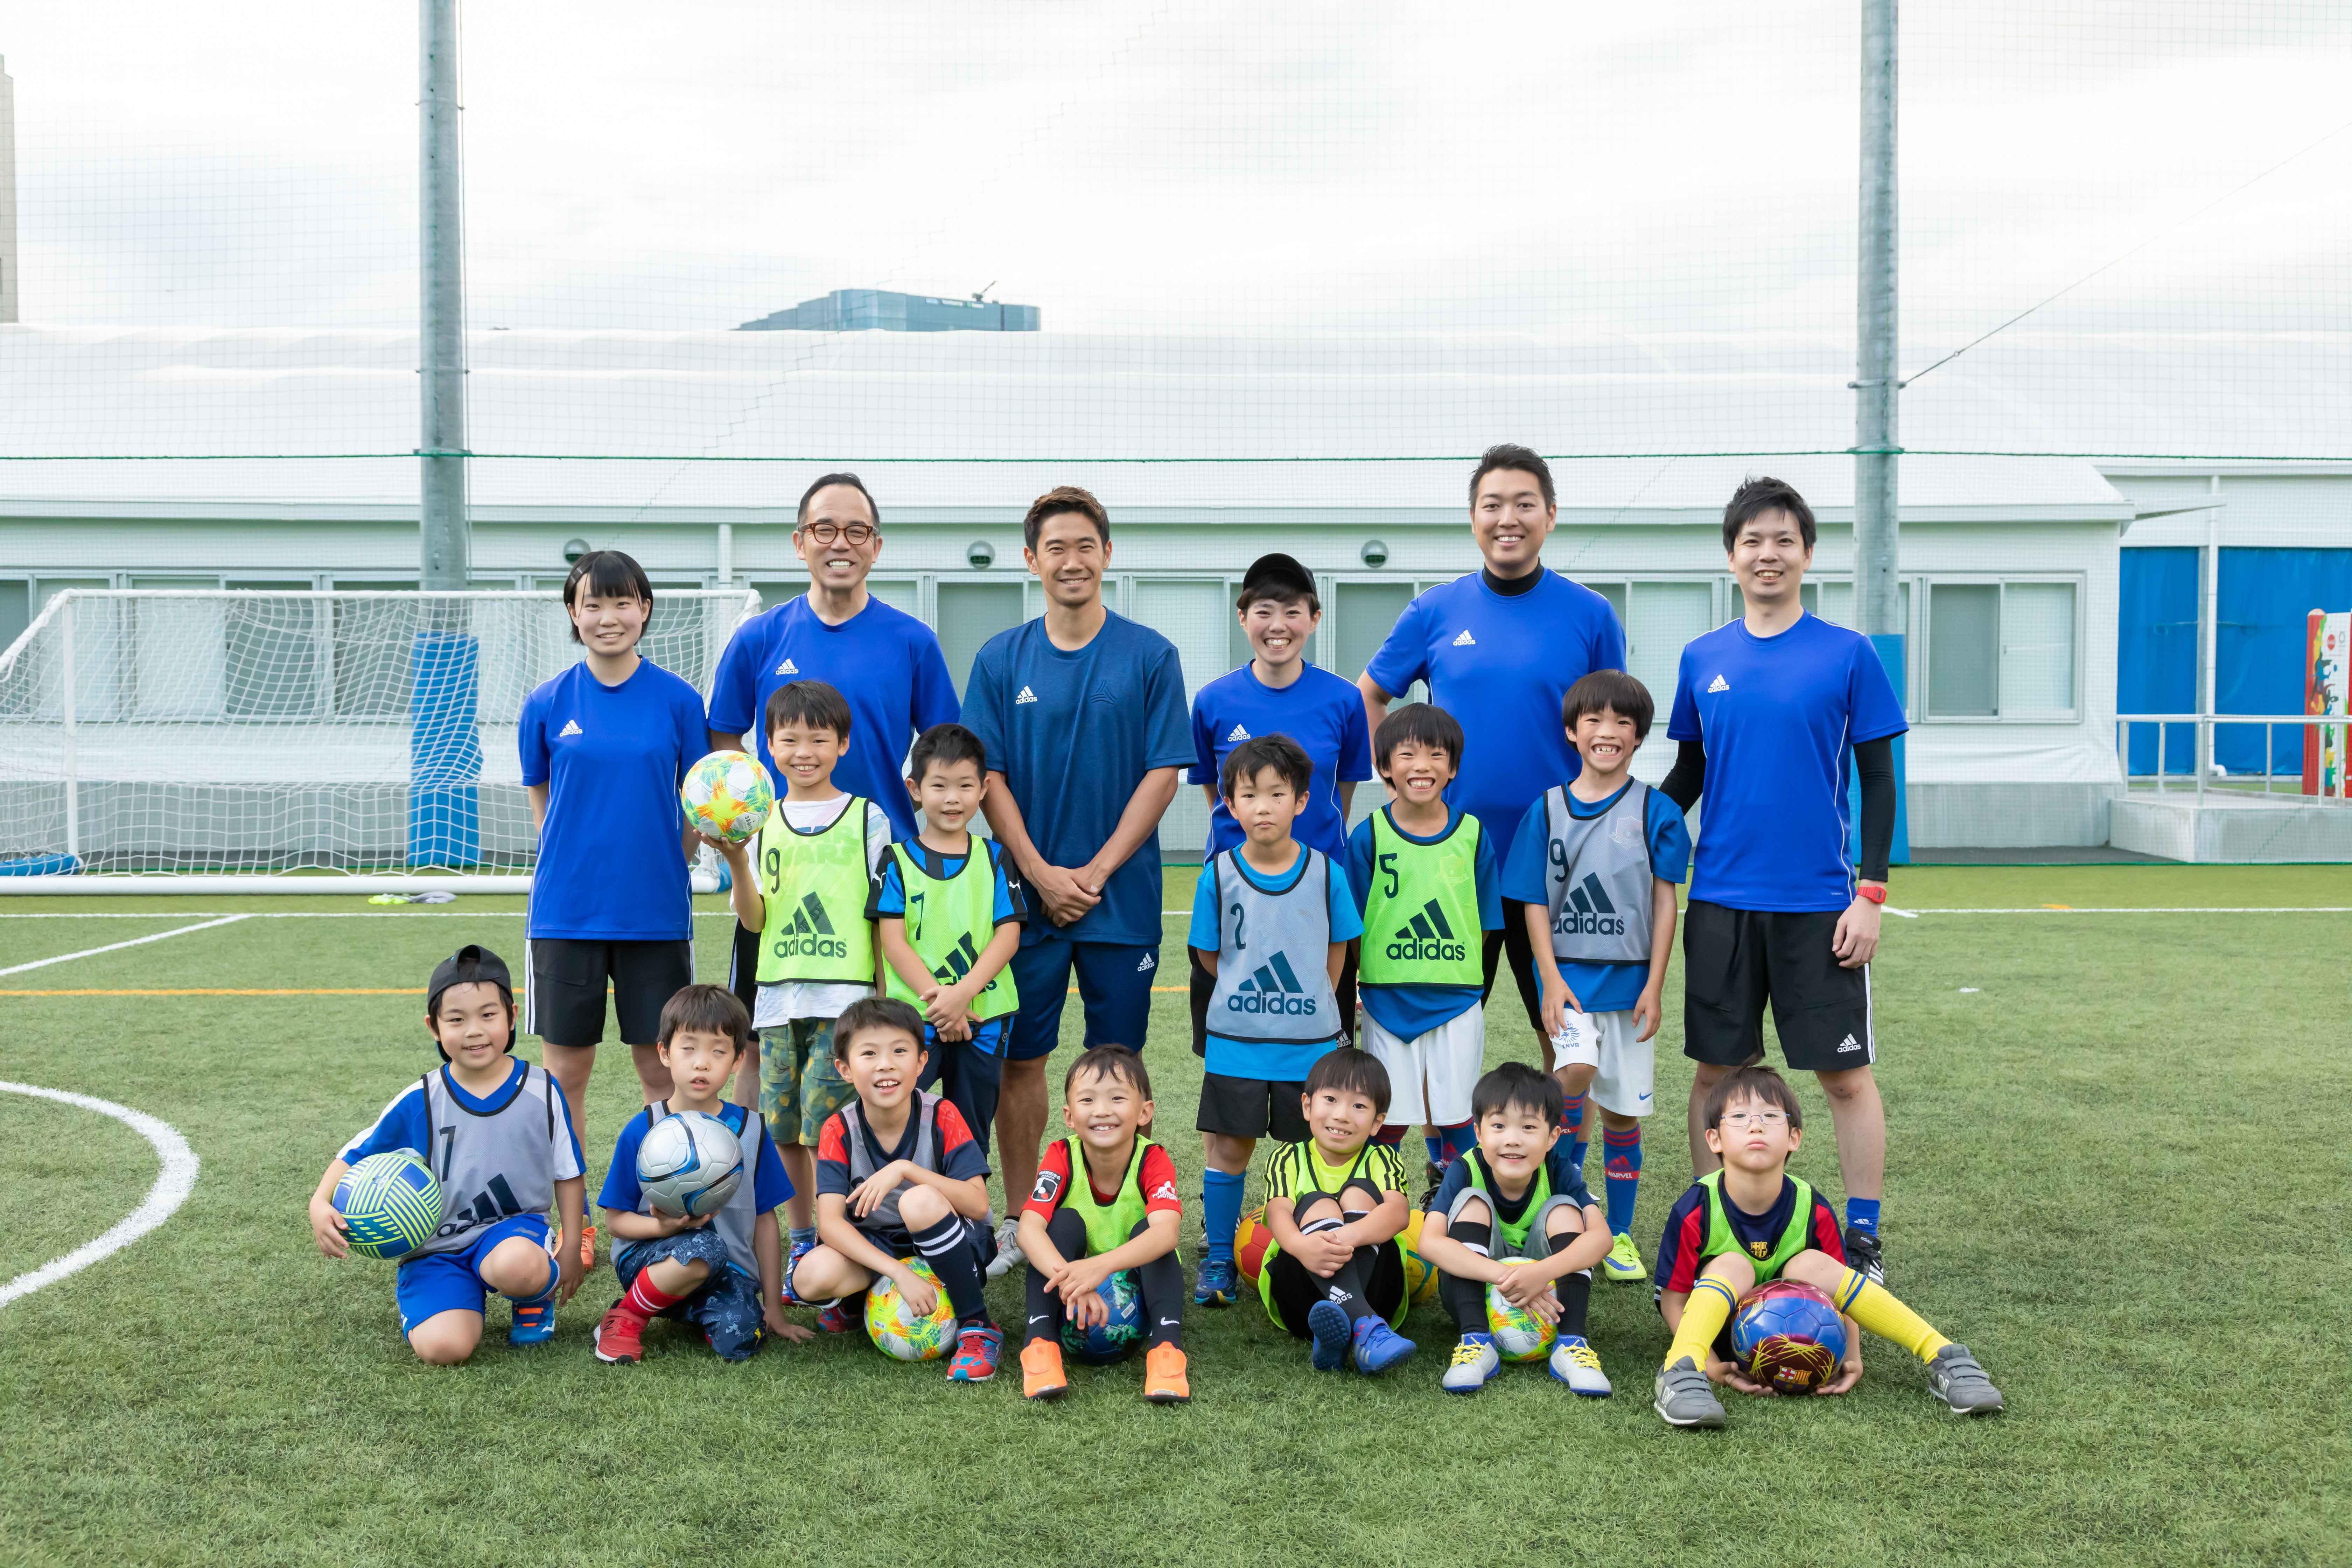 Hanaspoサッカー教室 浦安校